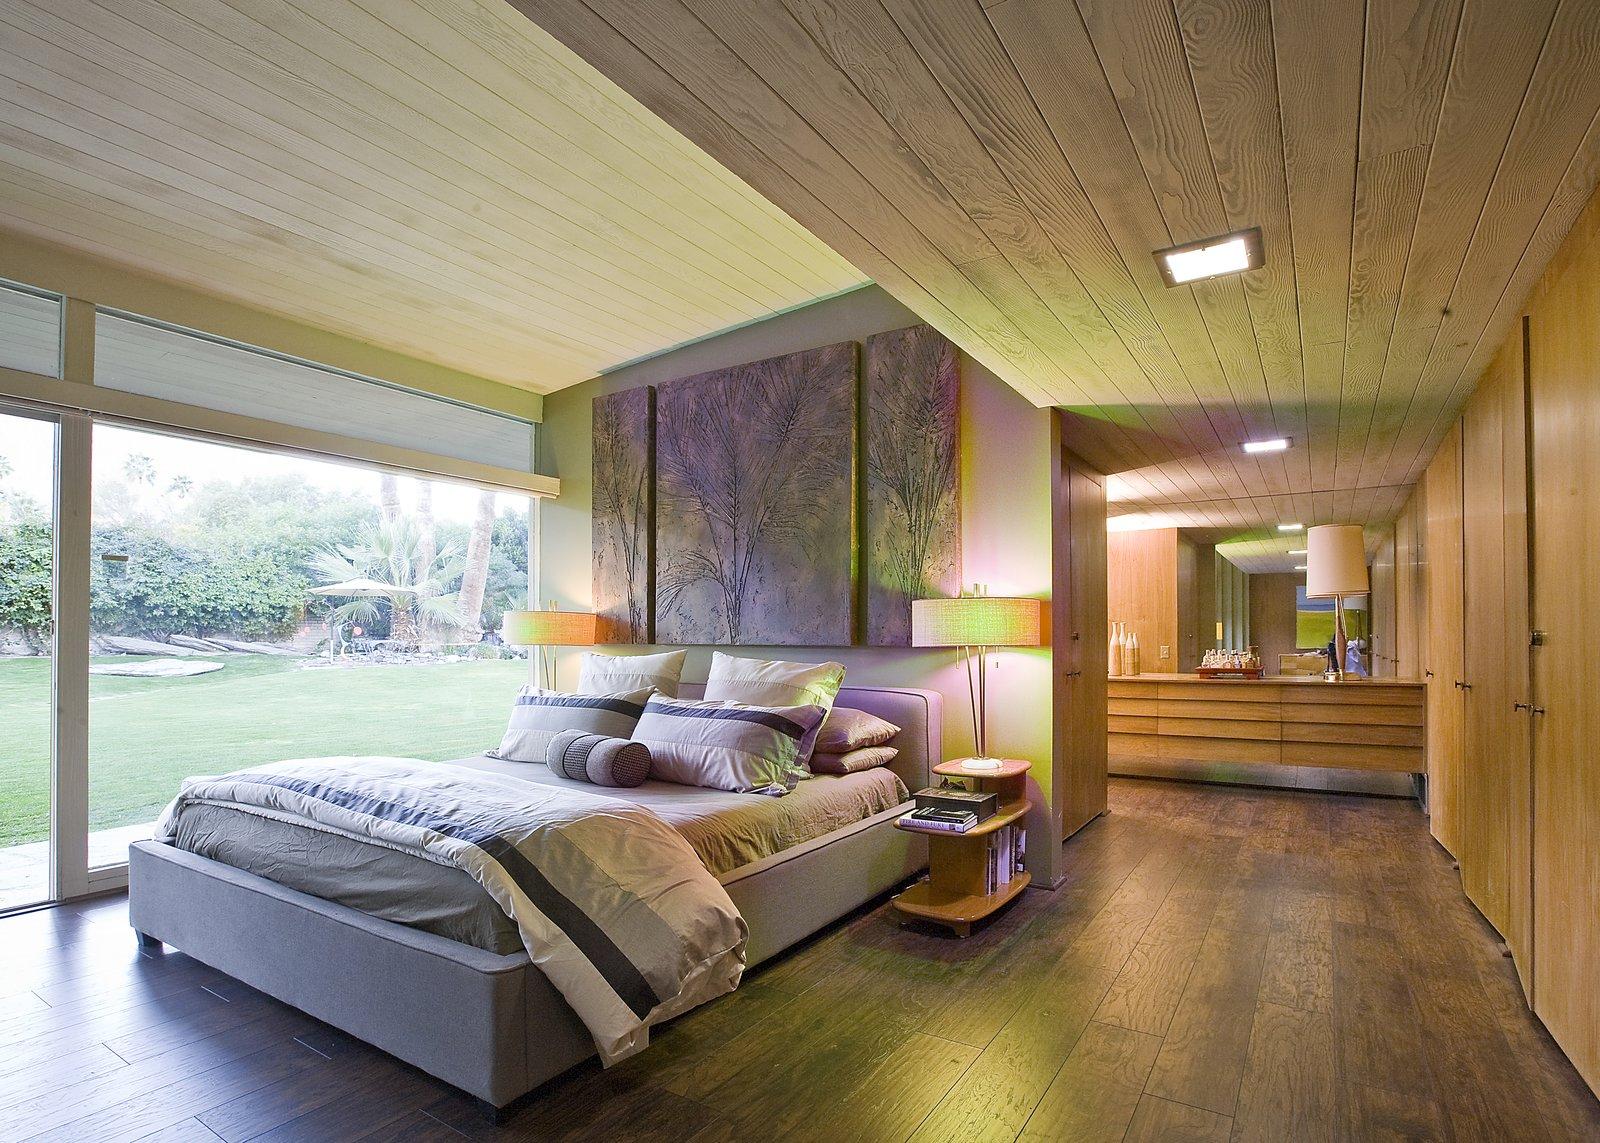 A bedroom with an en-suite bathroom.